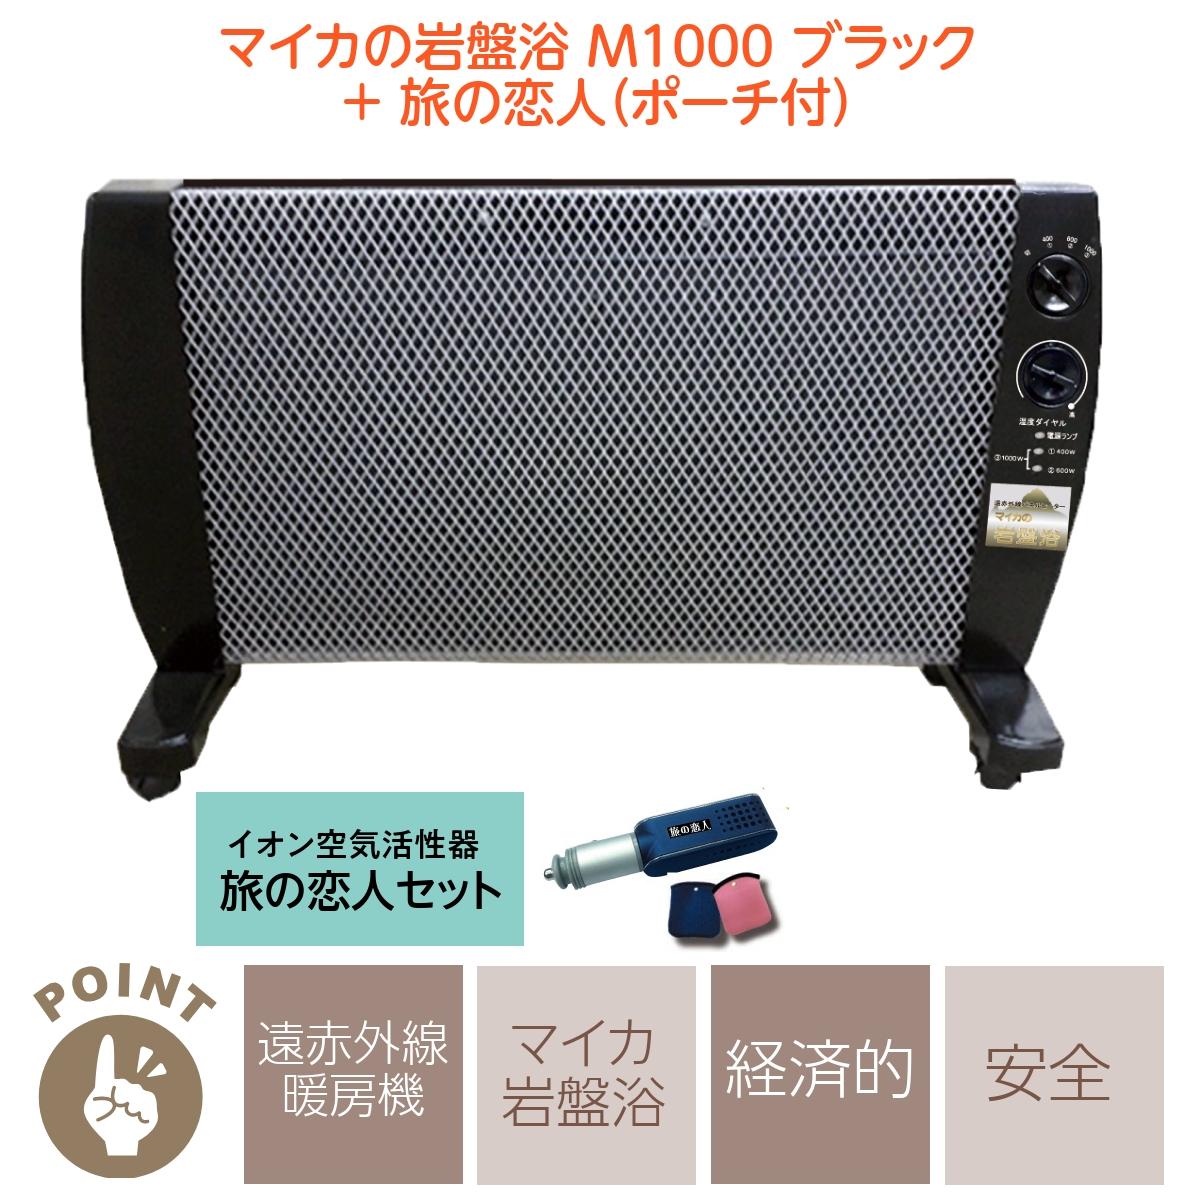 マイカの岩盤浴 M-1000 ブラック + 旅の恋人(ポーチ付)  遠赤外線暖房機  株式会社エム・エイチ・シー